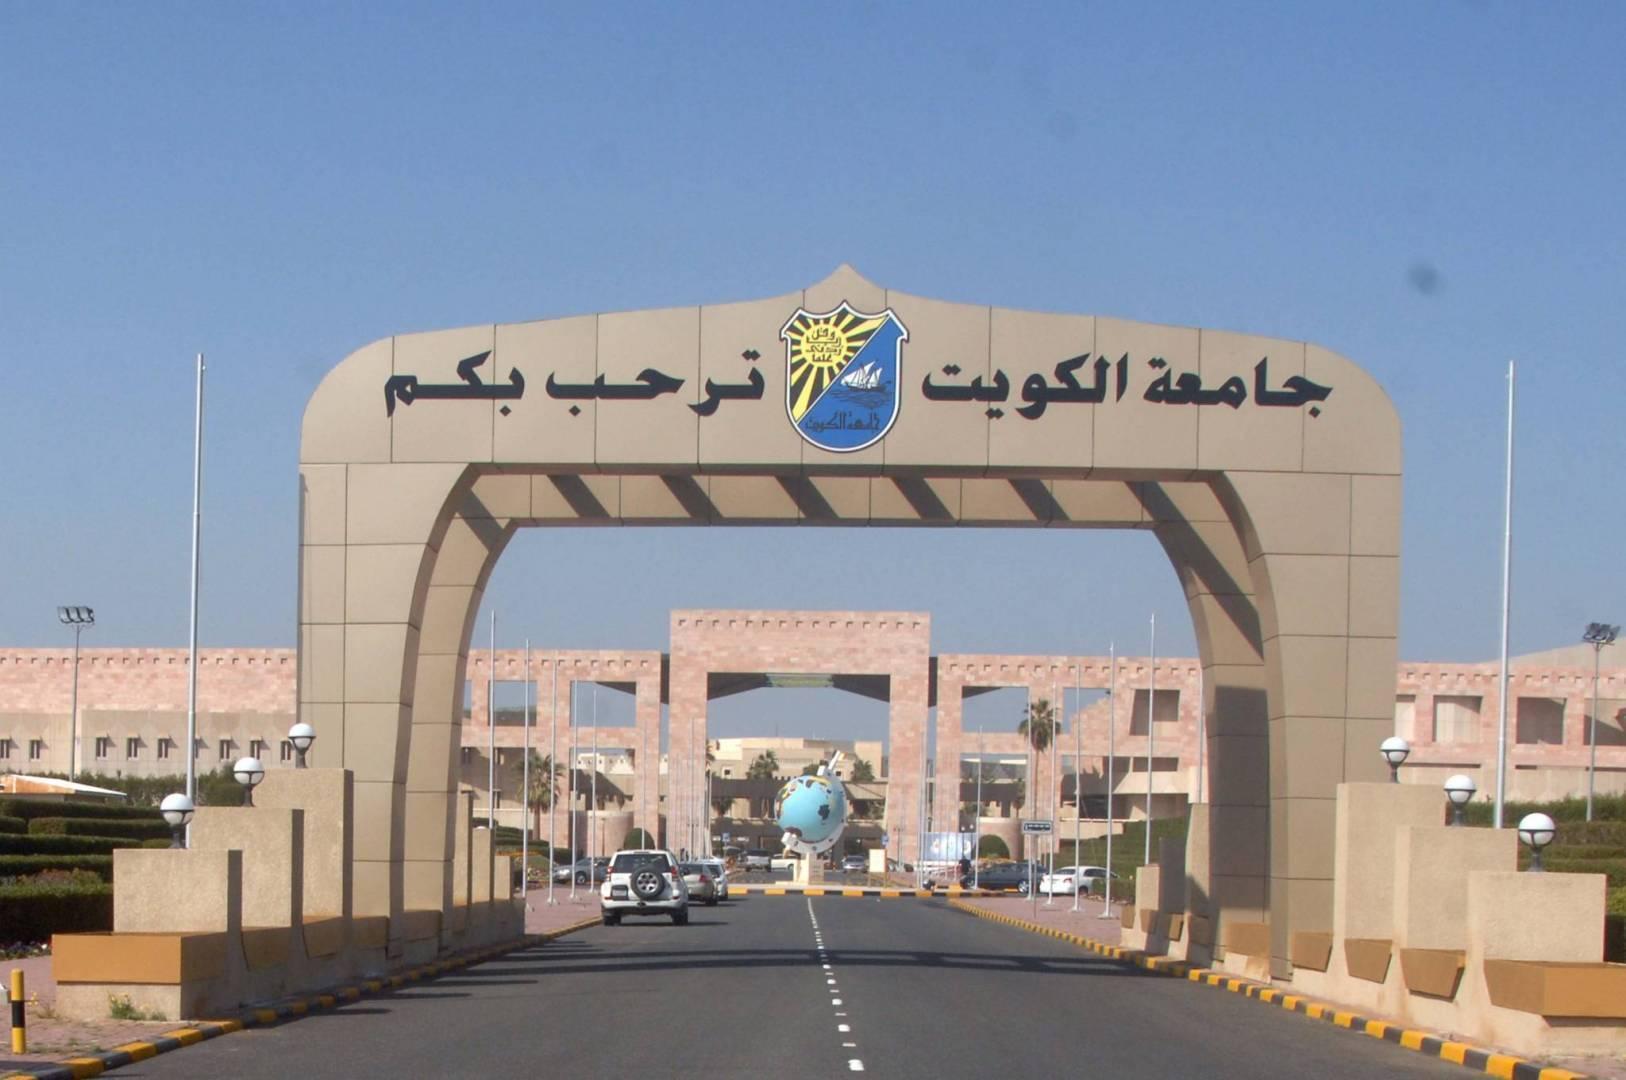 جامعة الكويت تحتاج لشراء 4 آلاف رخصة إضافية من «MS OFFICE» مدفوعة الثمن